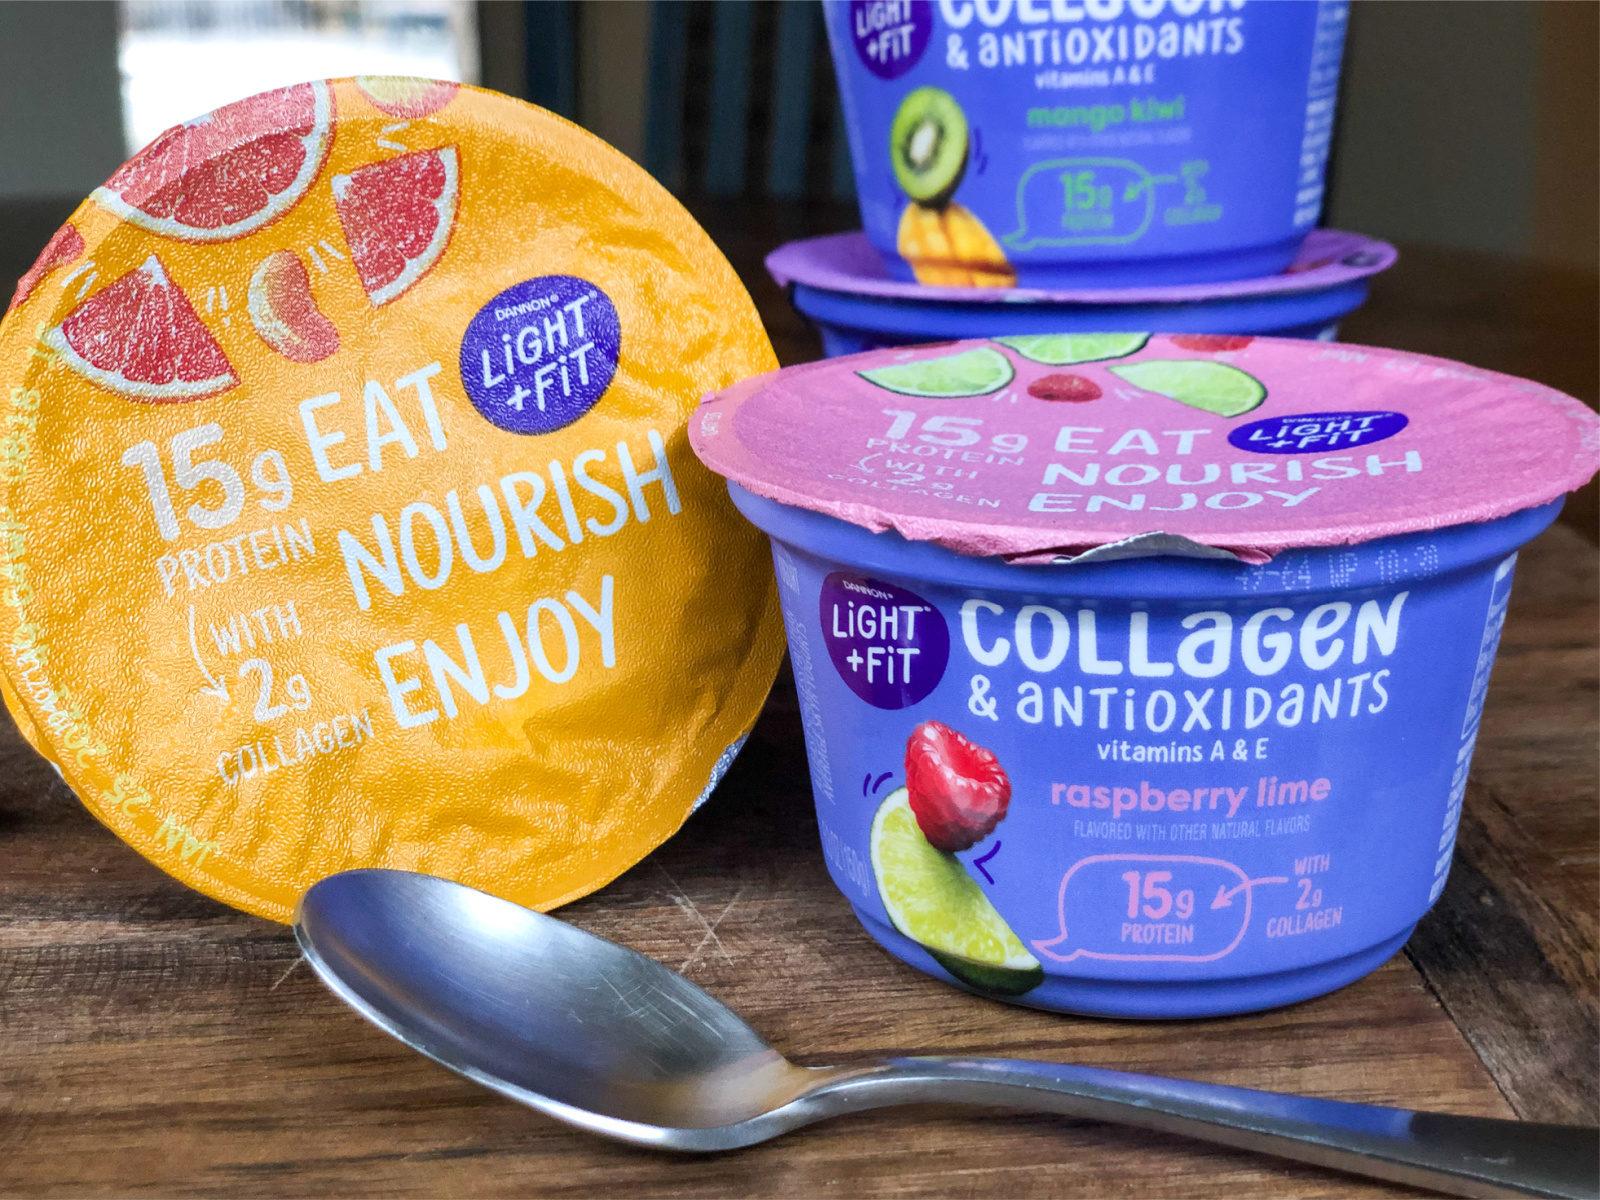 Dannon Light & Fit Collagen & Antioxidants Yogurt Just 75¢ At Publix on I Heart Publix 1